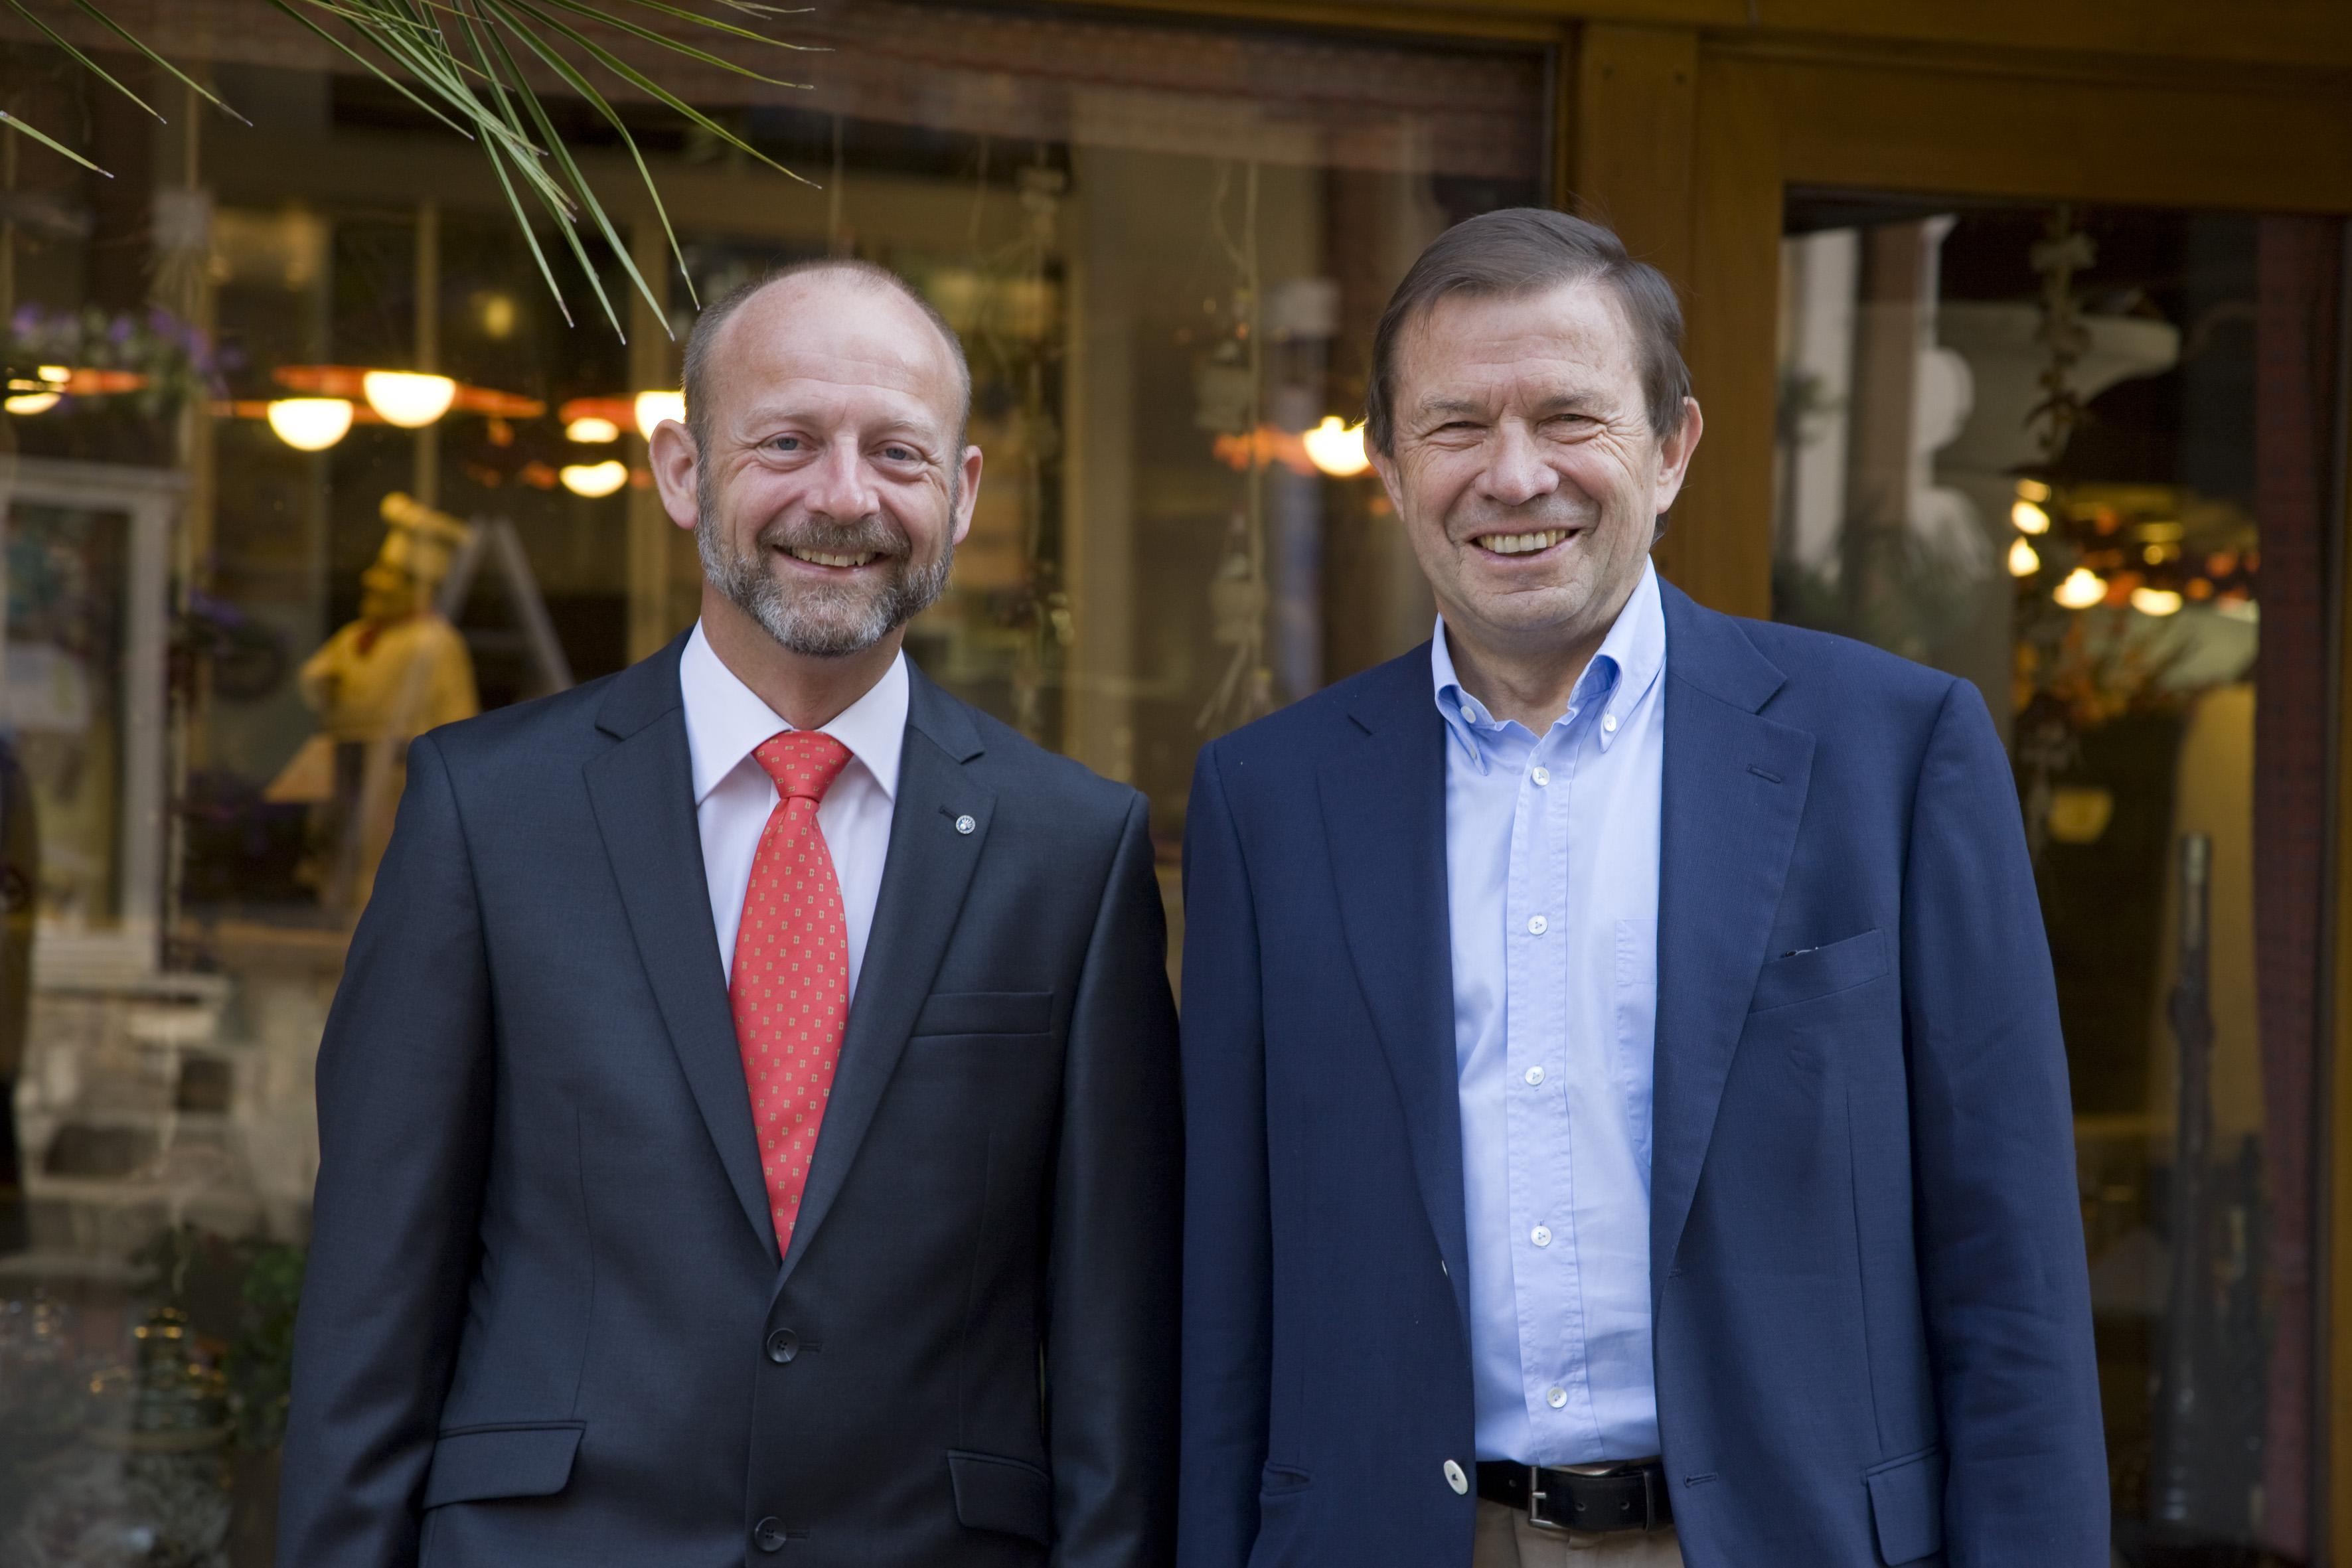 (von rechts) Franz Steinegger, Ehemaliger Präsident STV, Dominique de Buman, Neuer Präsident STV